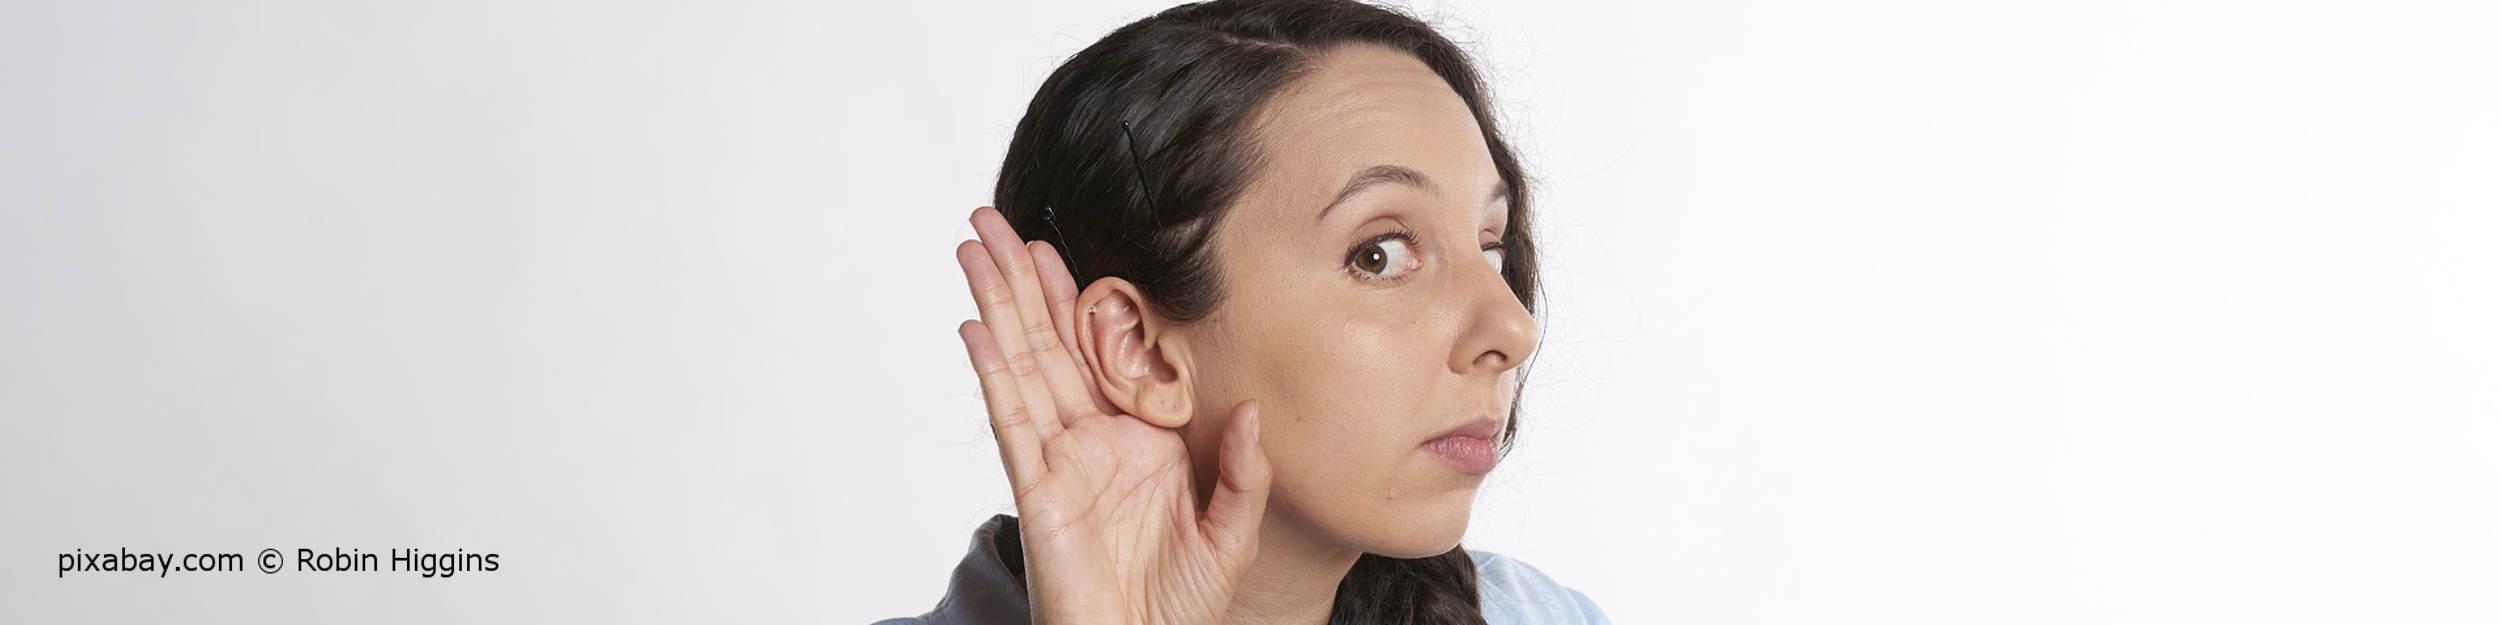 Junge Frau mit Schmalzpfropf im Ohr hört nicht mehr richtig.